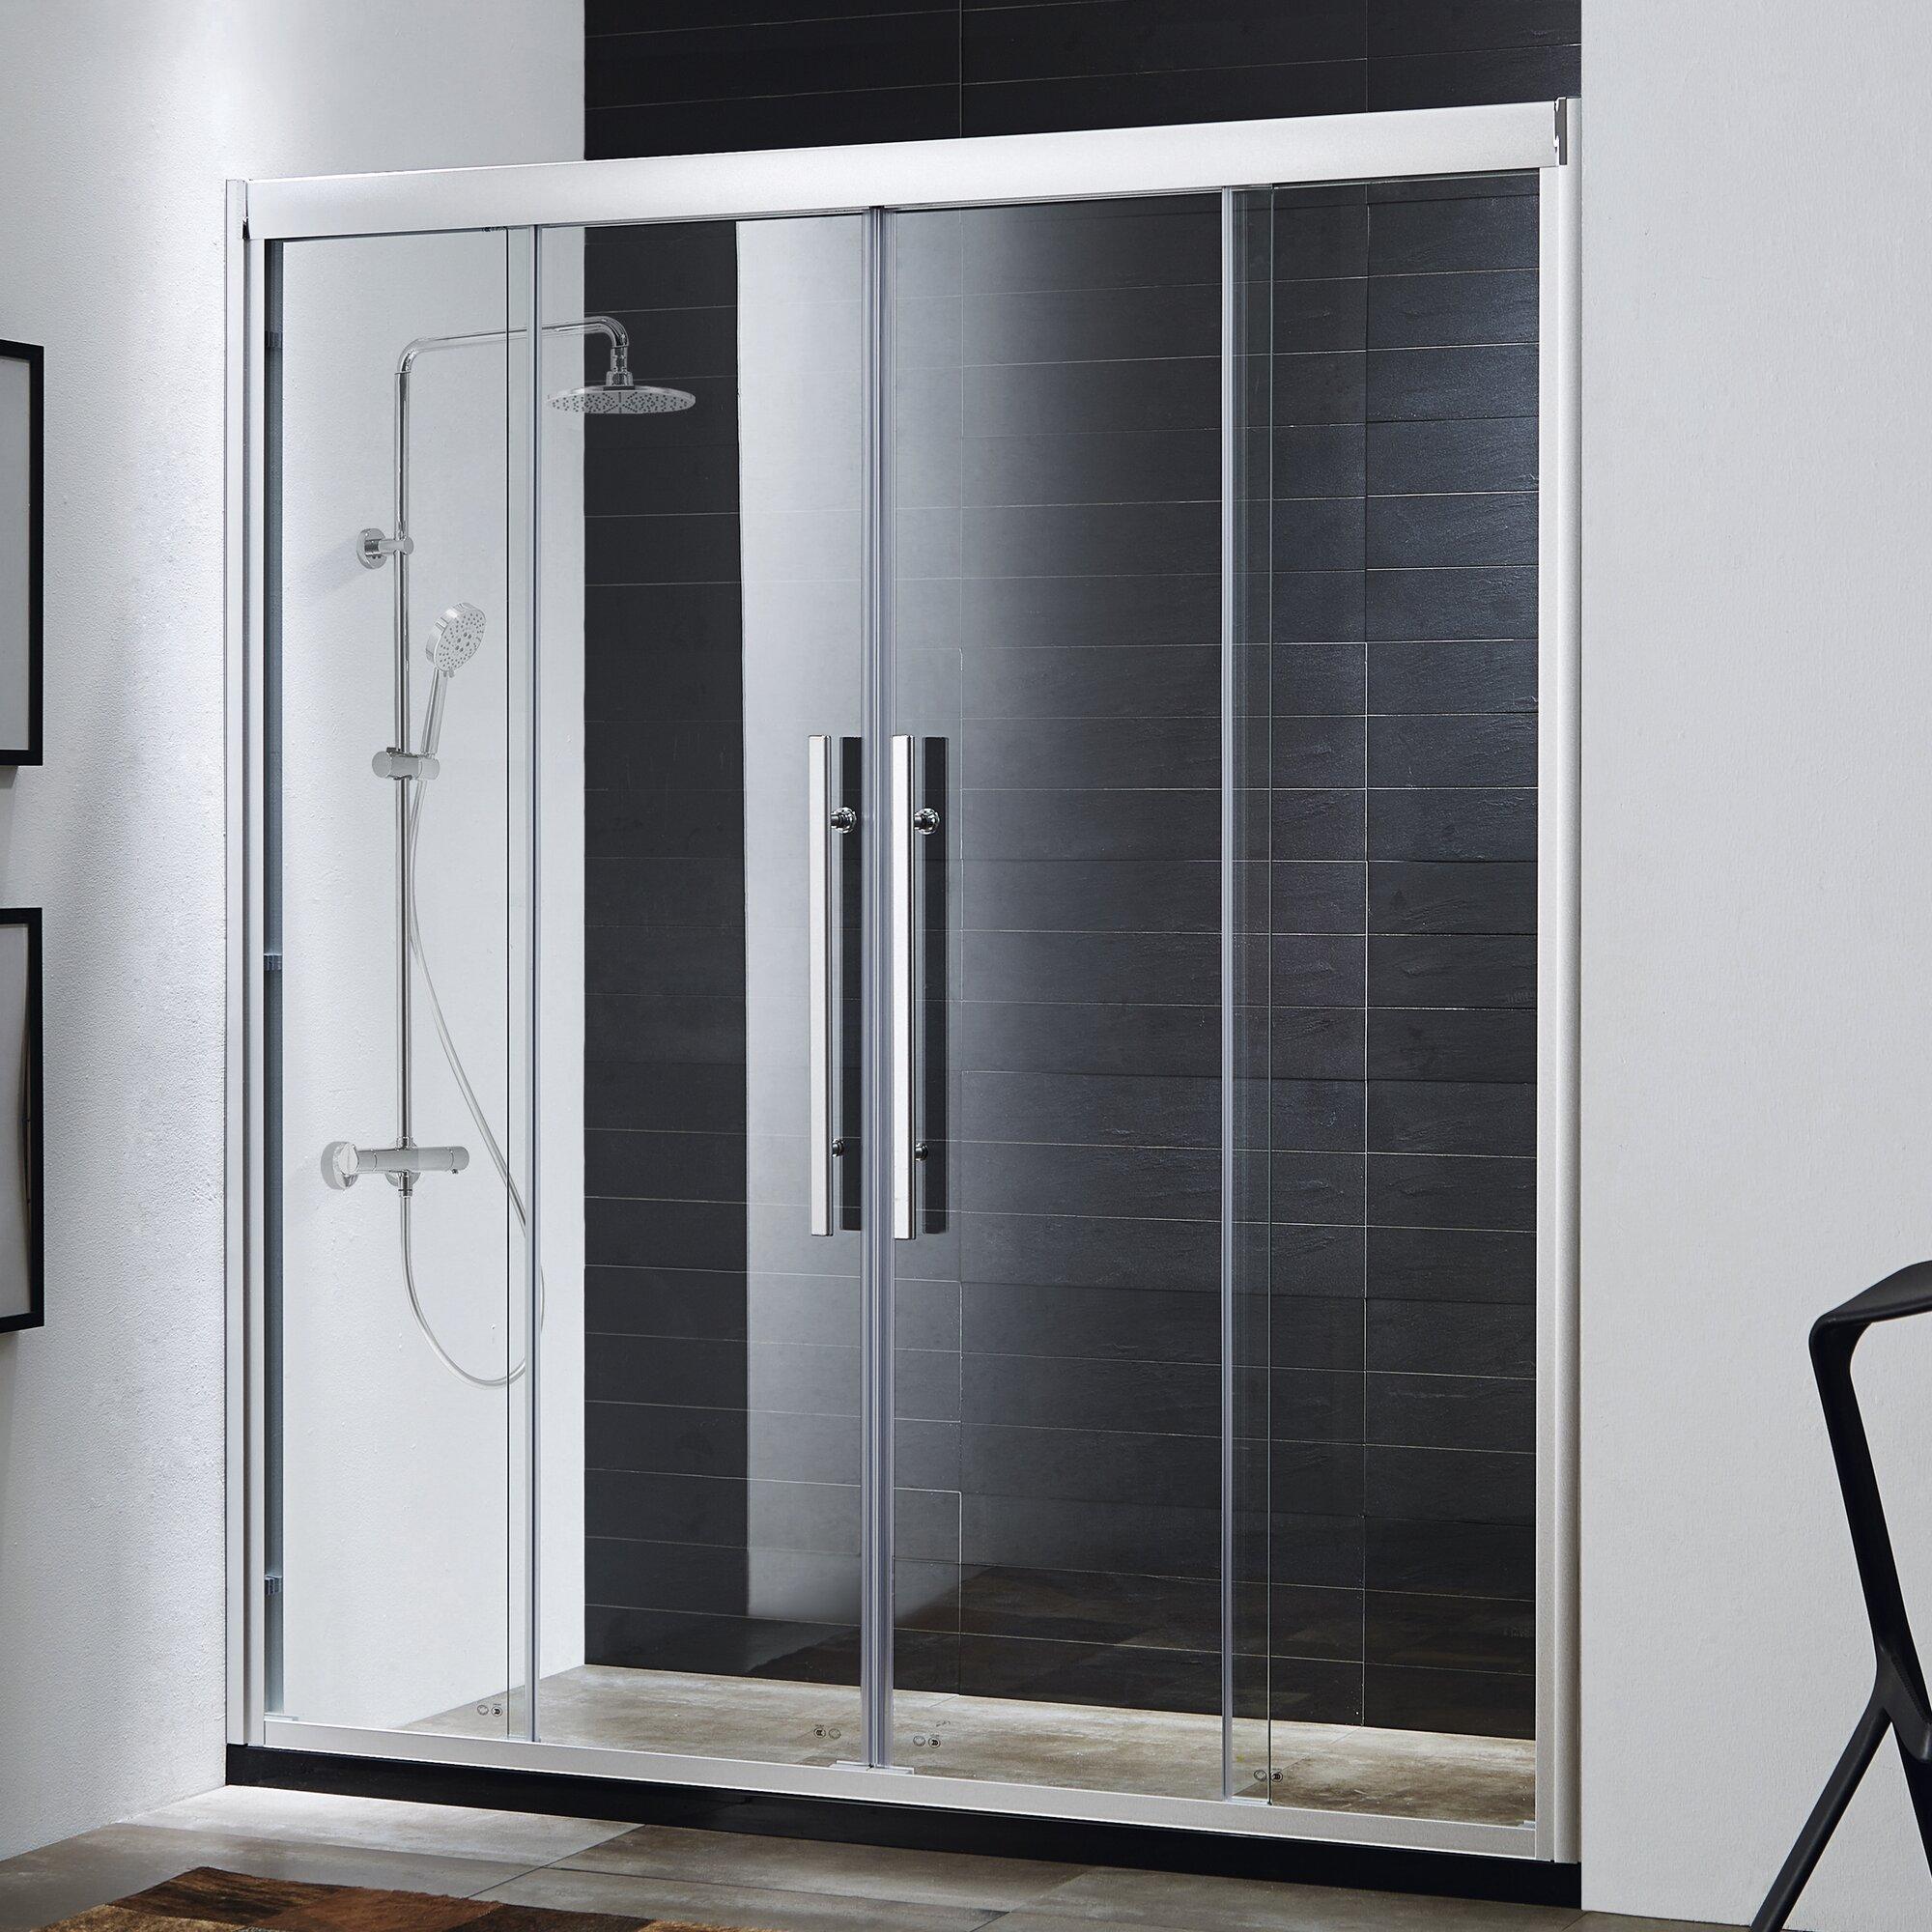 basco shower doors reviews. basco rolaire 76 x 59 single sliding ...